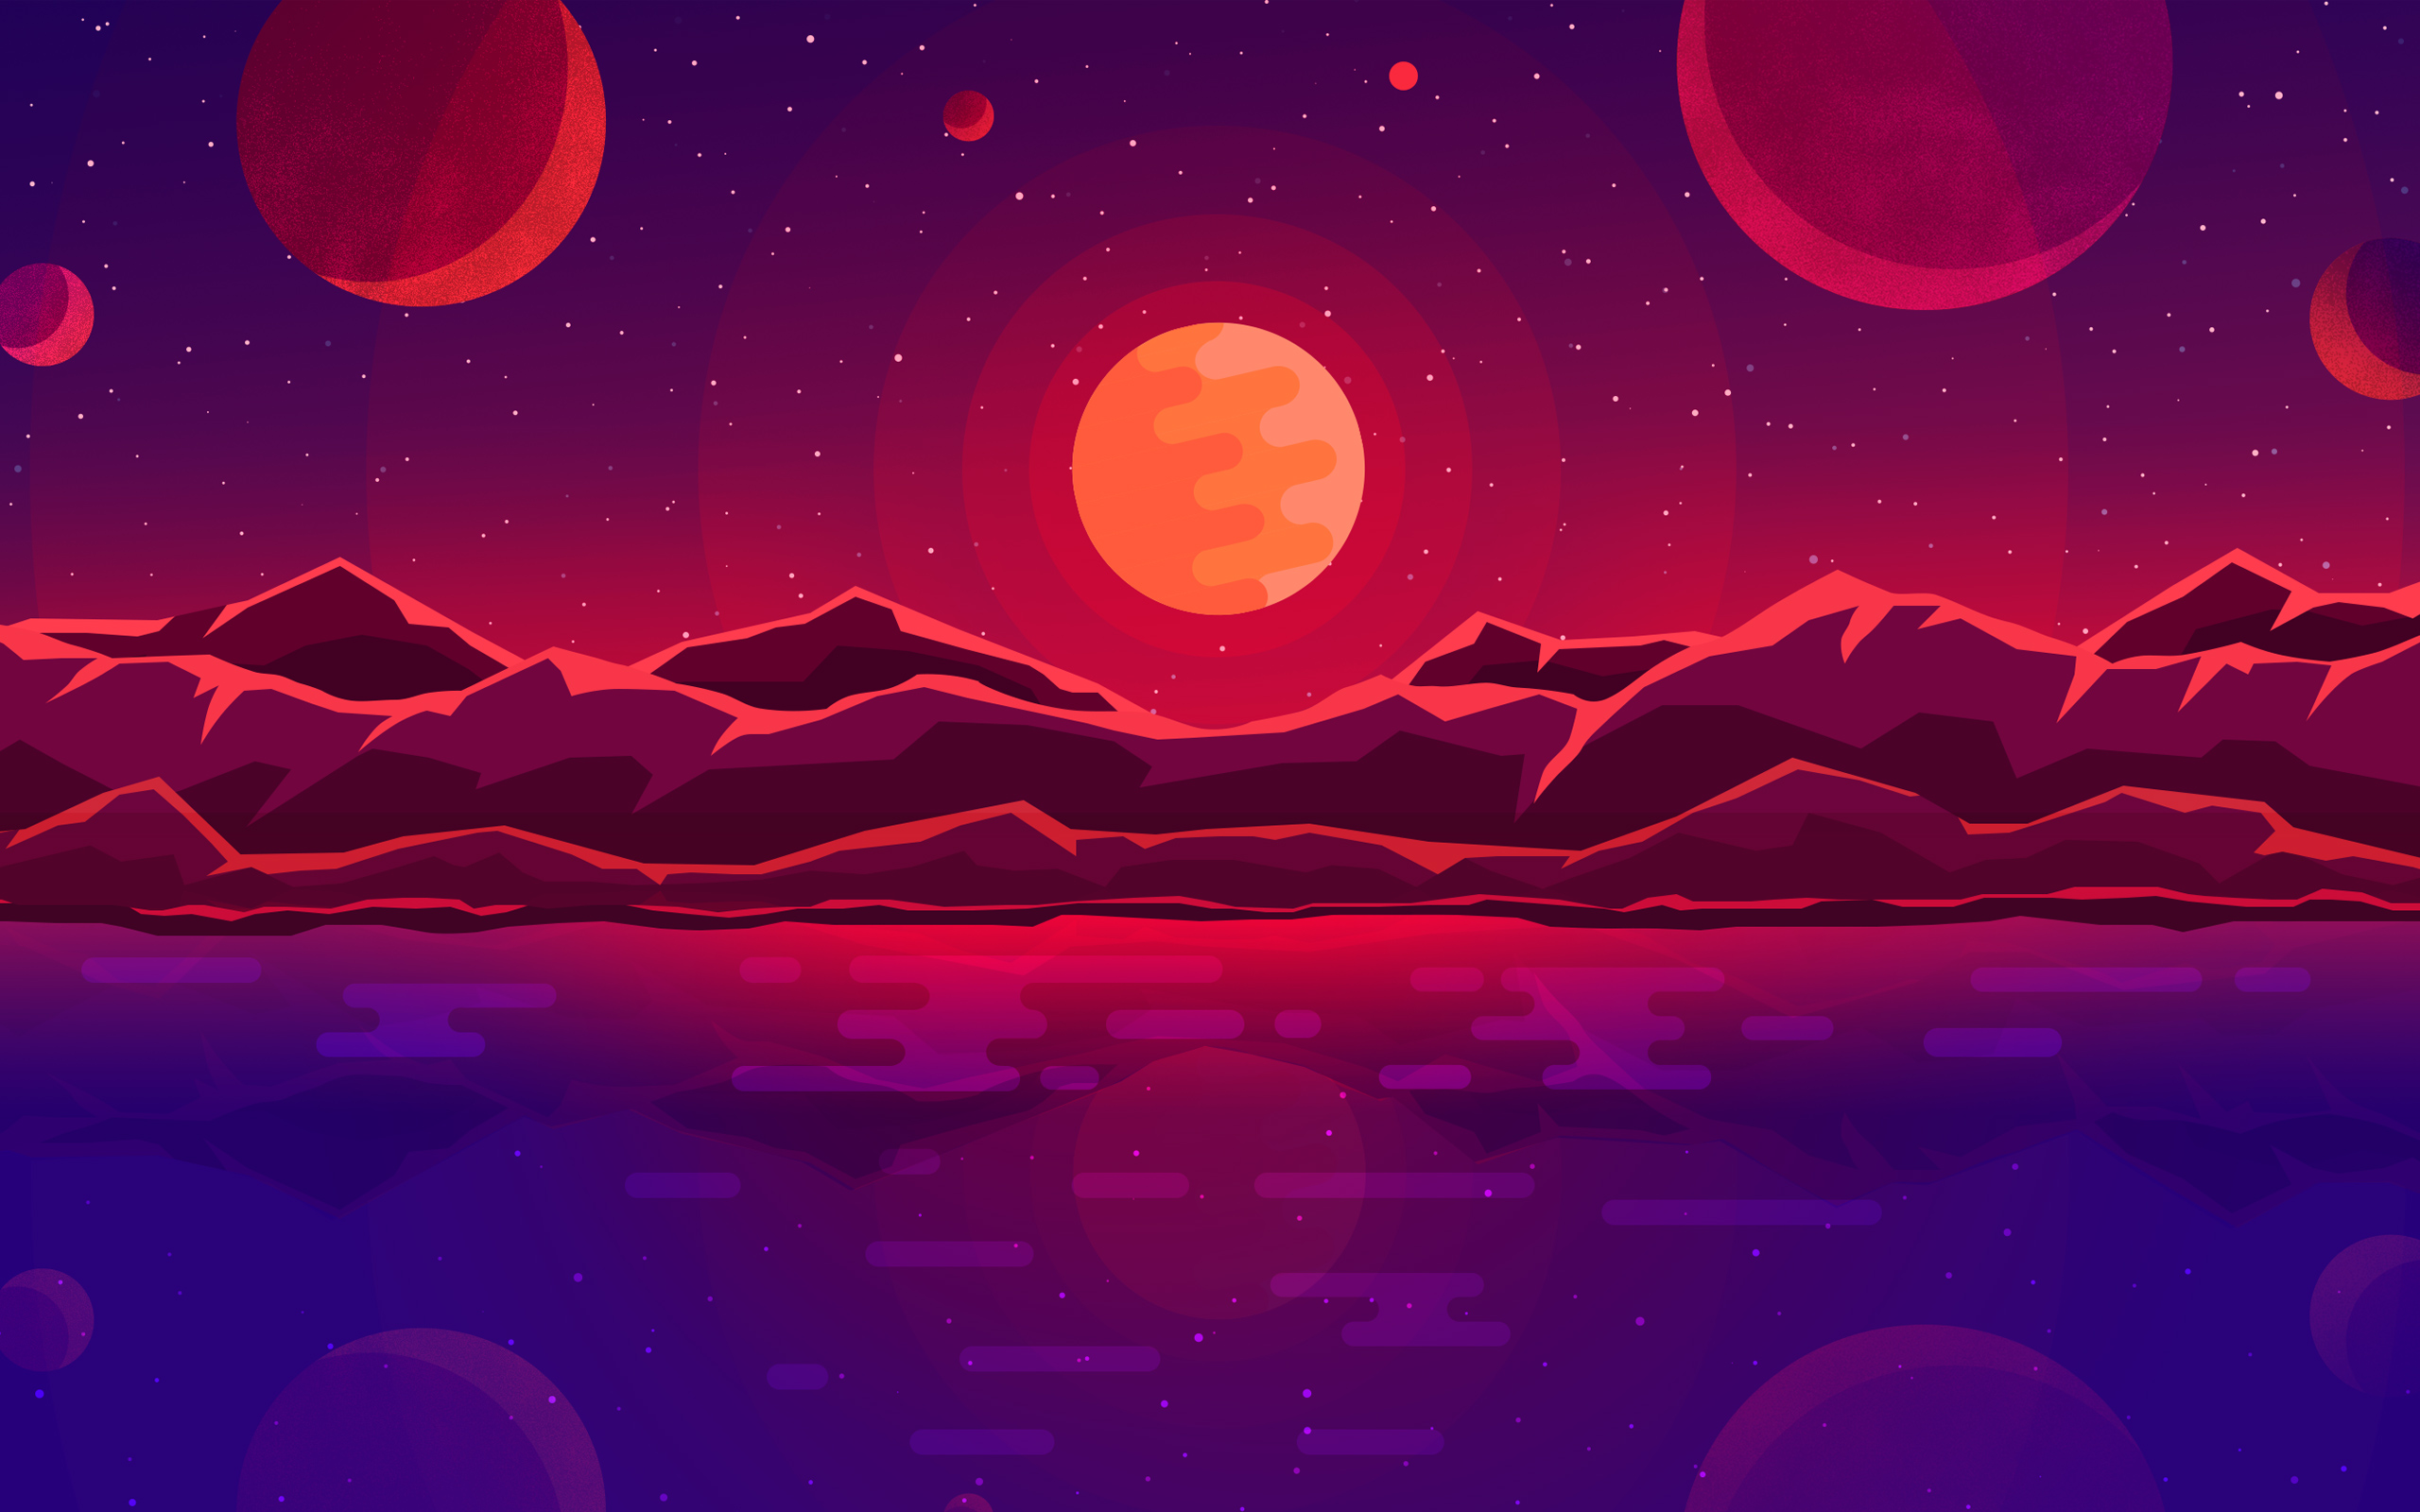 Закат планет обои скачать